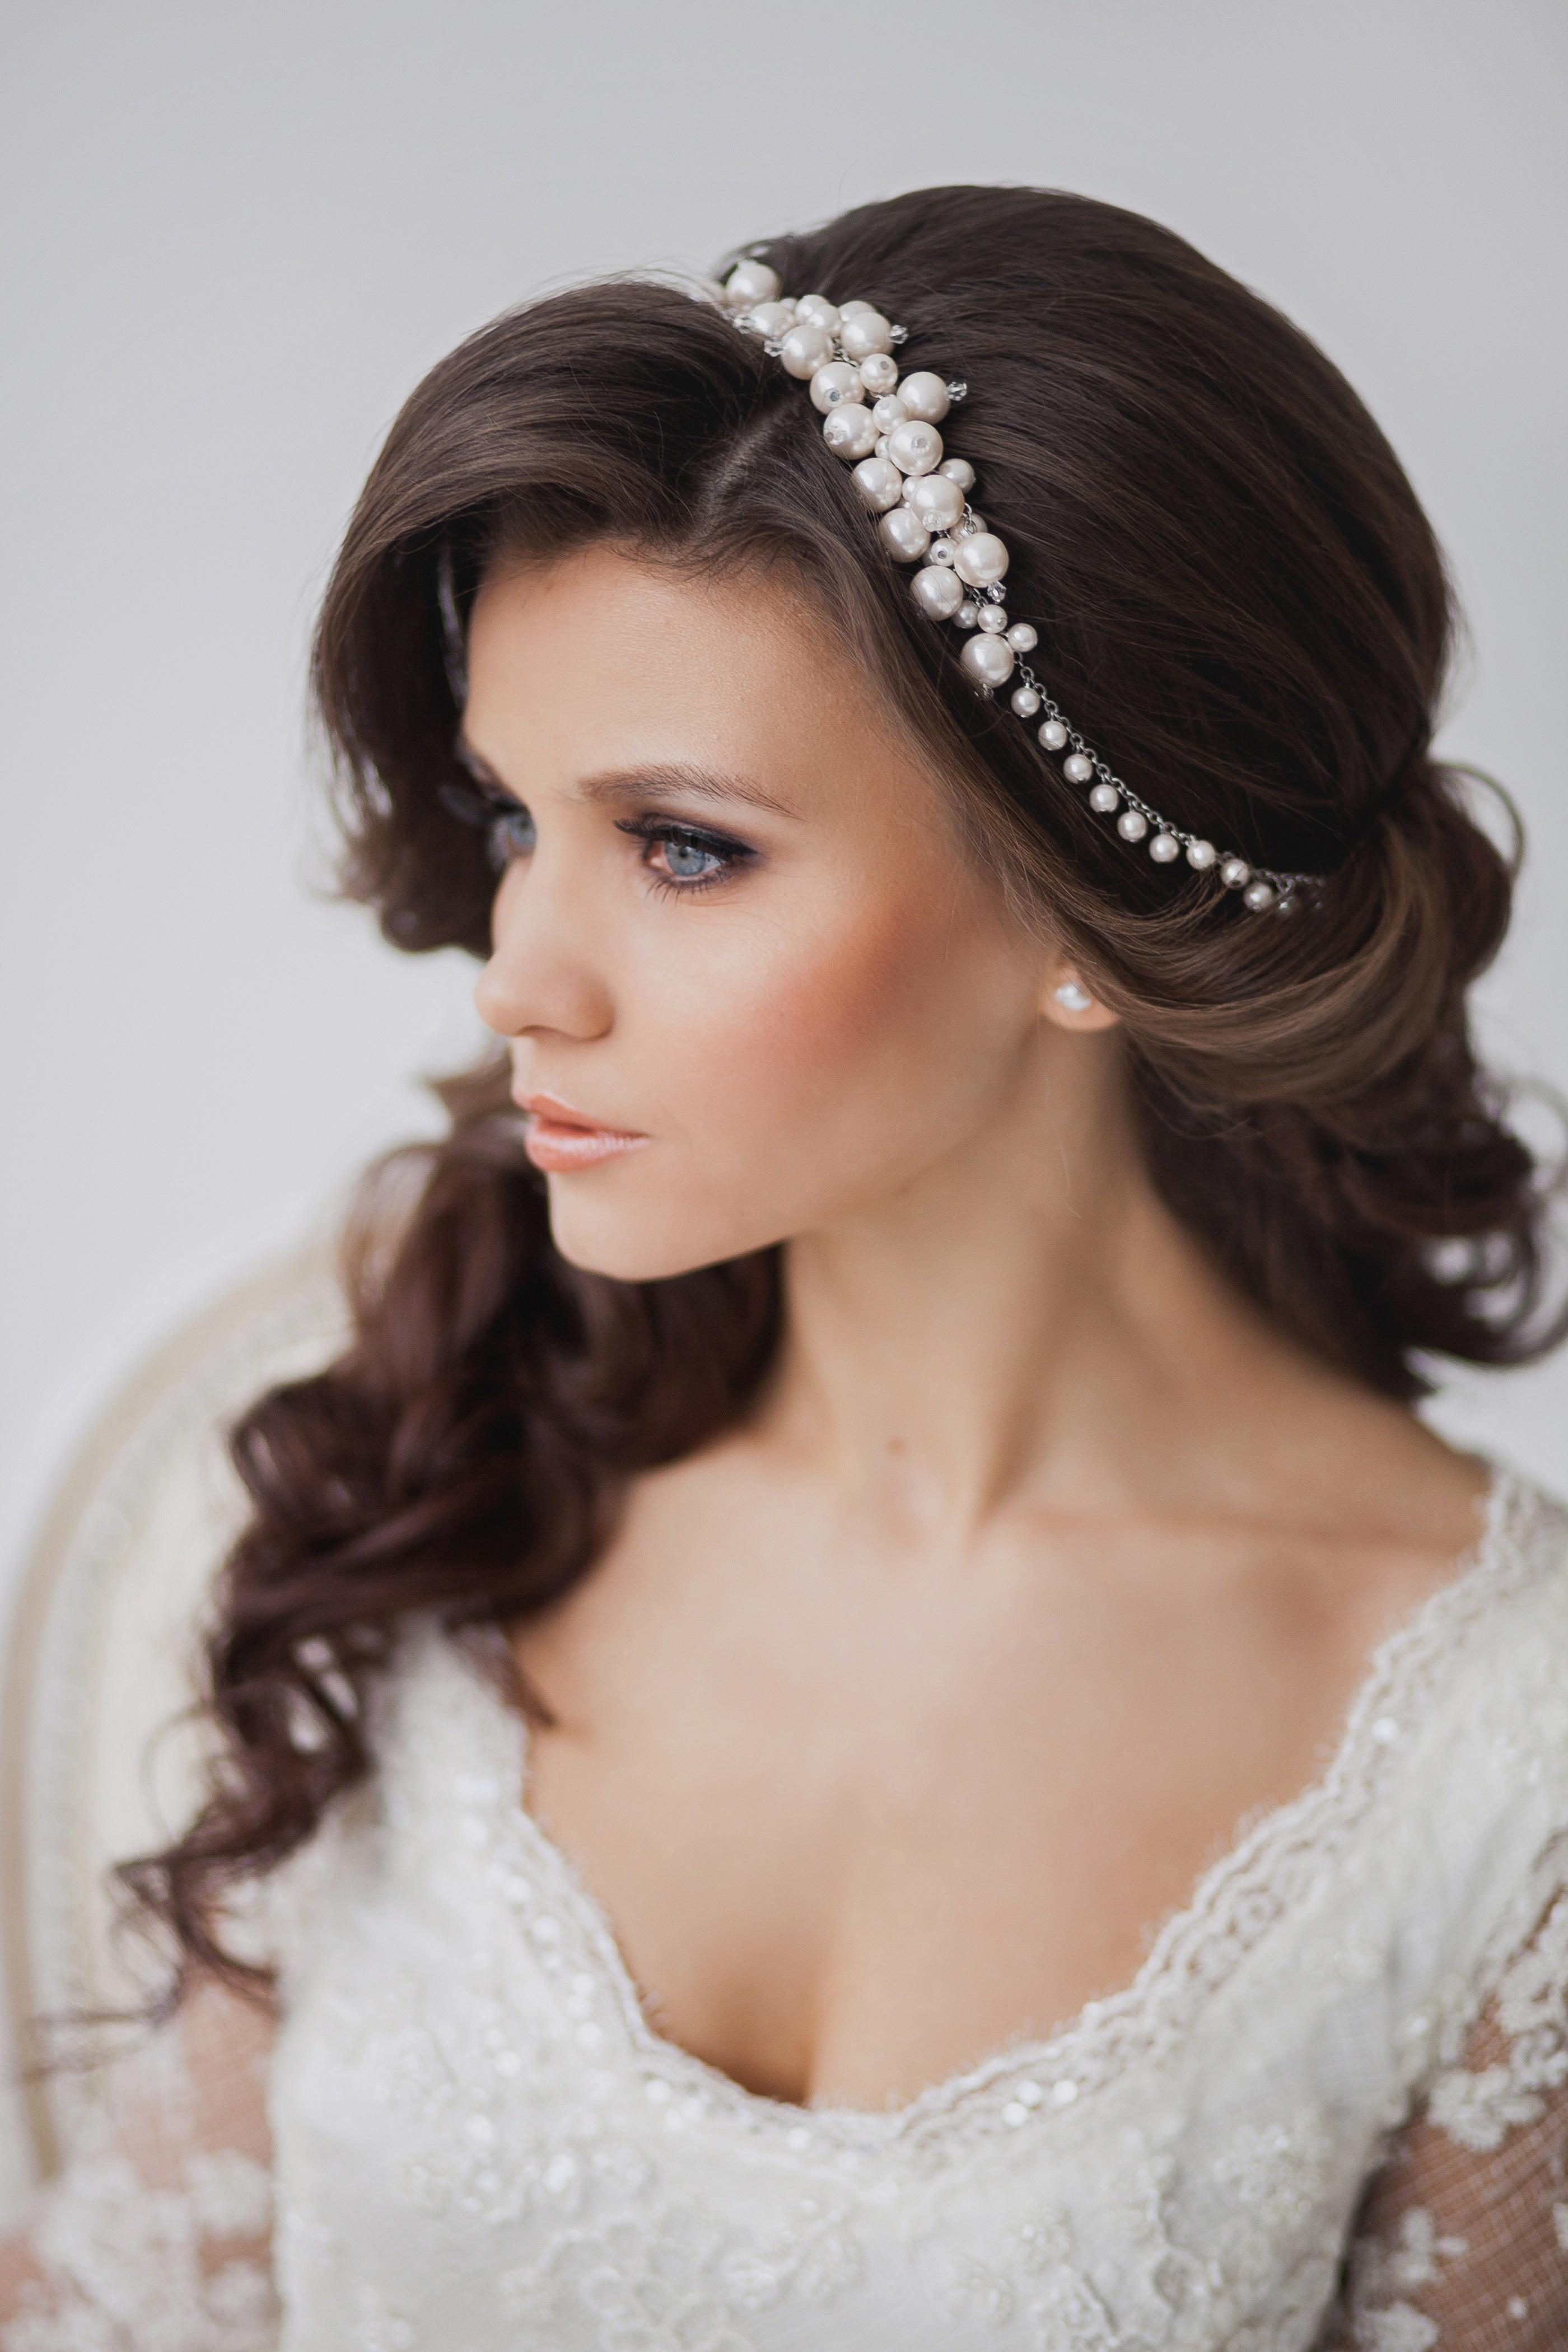 свадебная прическа с крпными локонами и украшениями в виде ободка